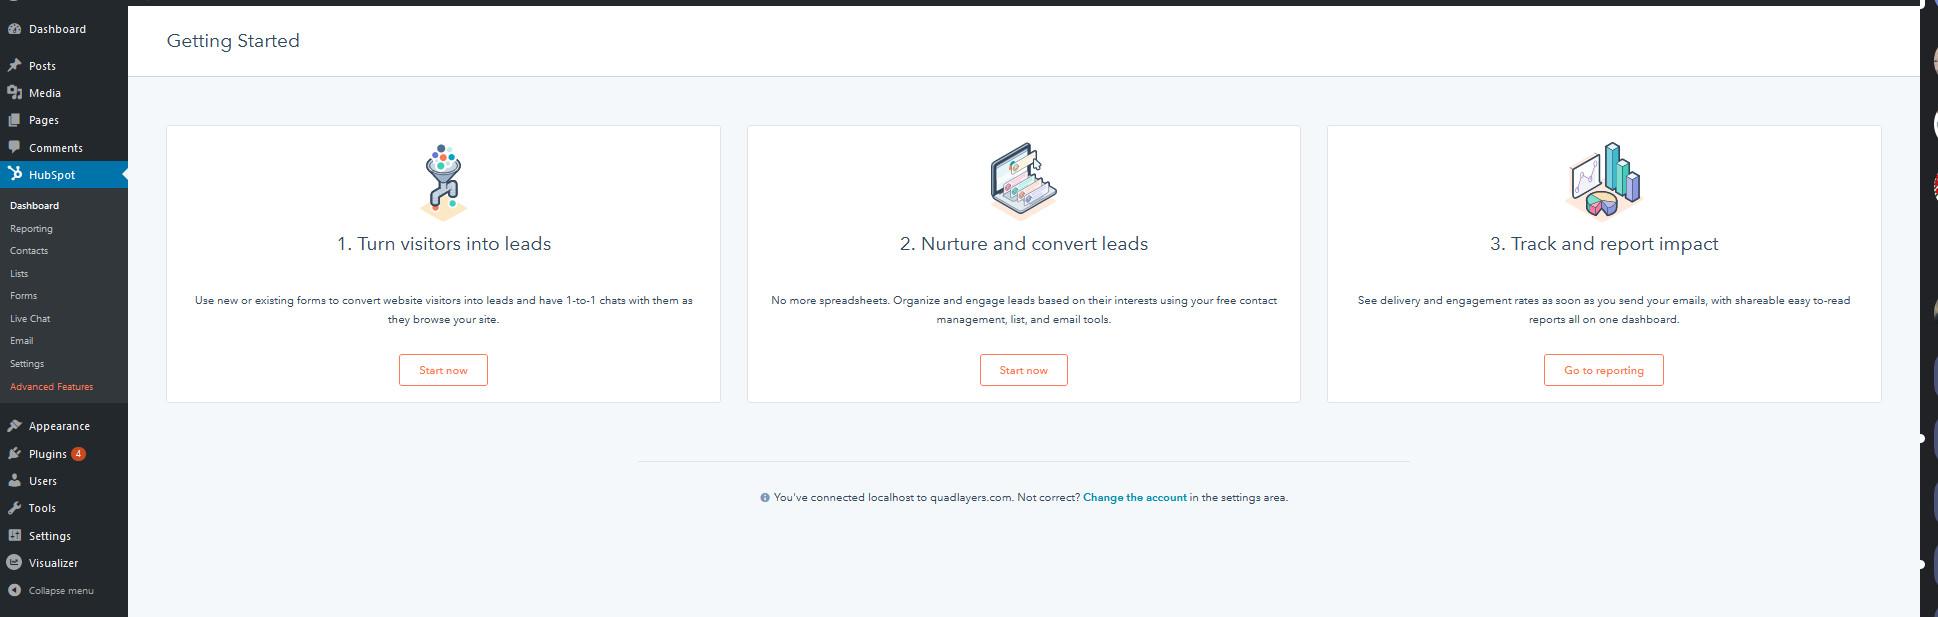 integrate wordpress with hubspot - hubspot dashboard